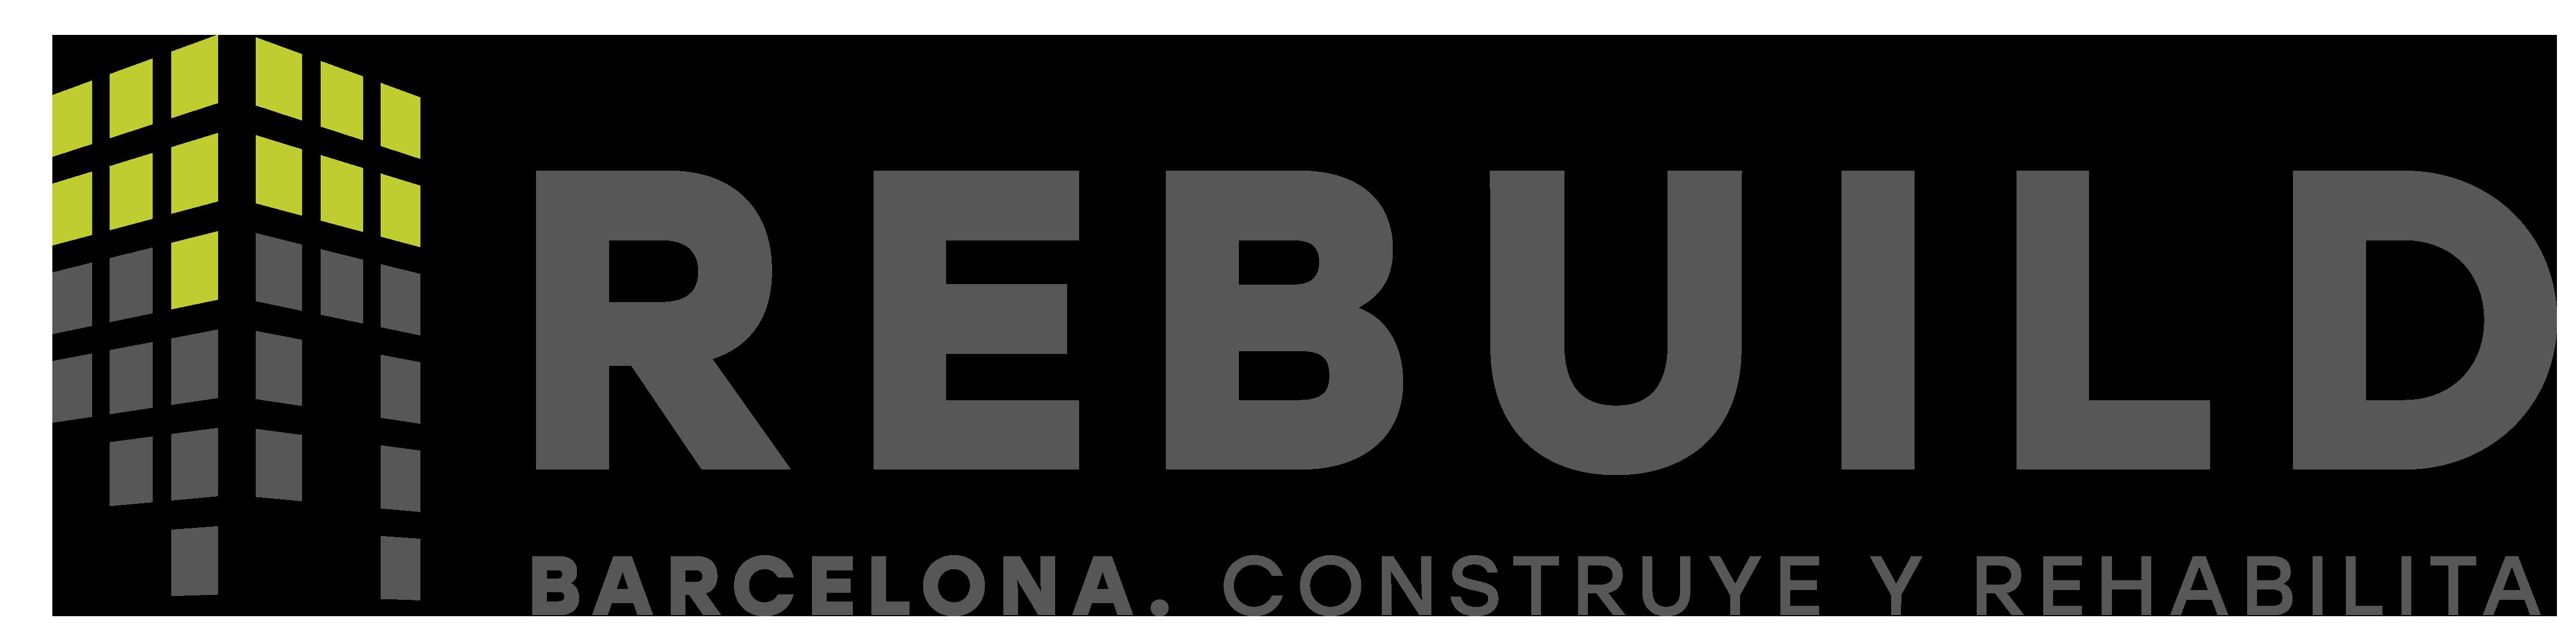 STEELFRAMING.ES ® estará presente en REBUILD 2020